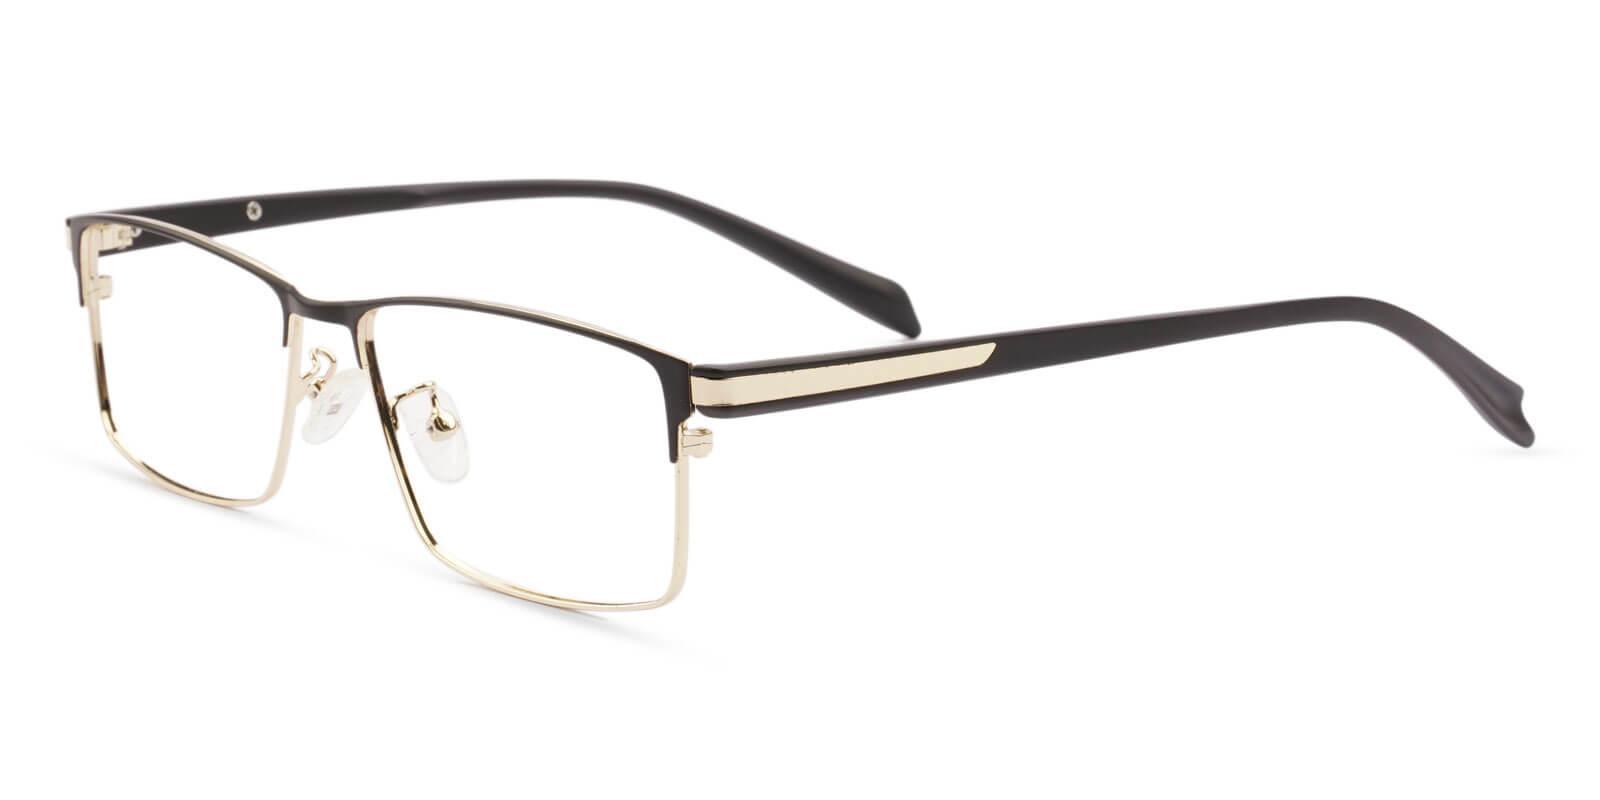 Ryan Gold Titanium Eyeglasses , NosePads Frames from ABBE Glasses